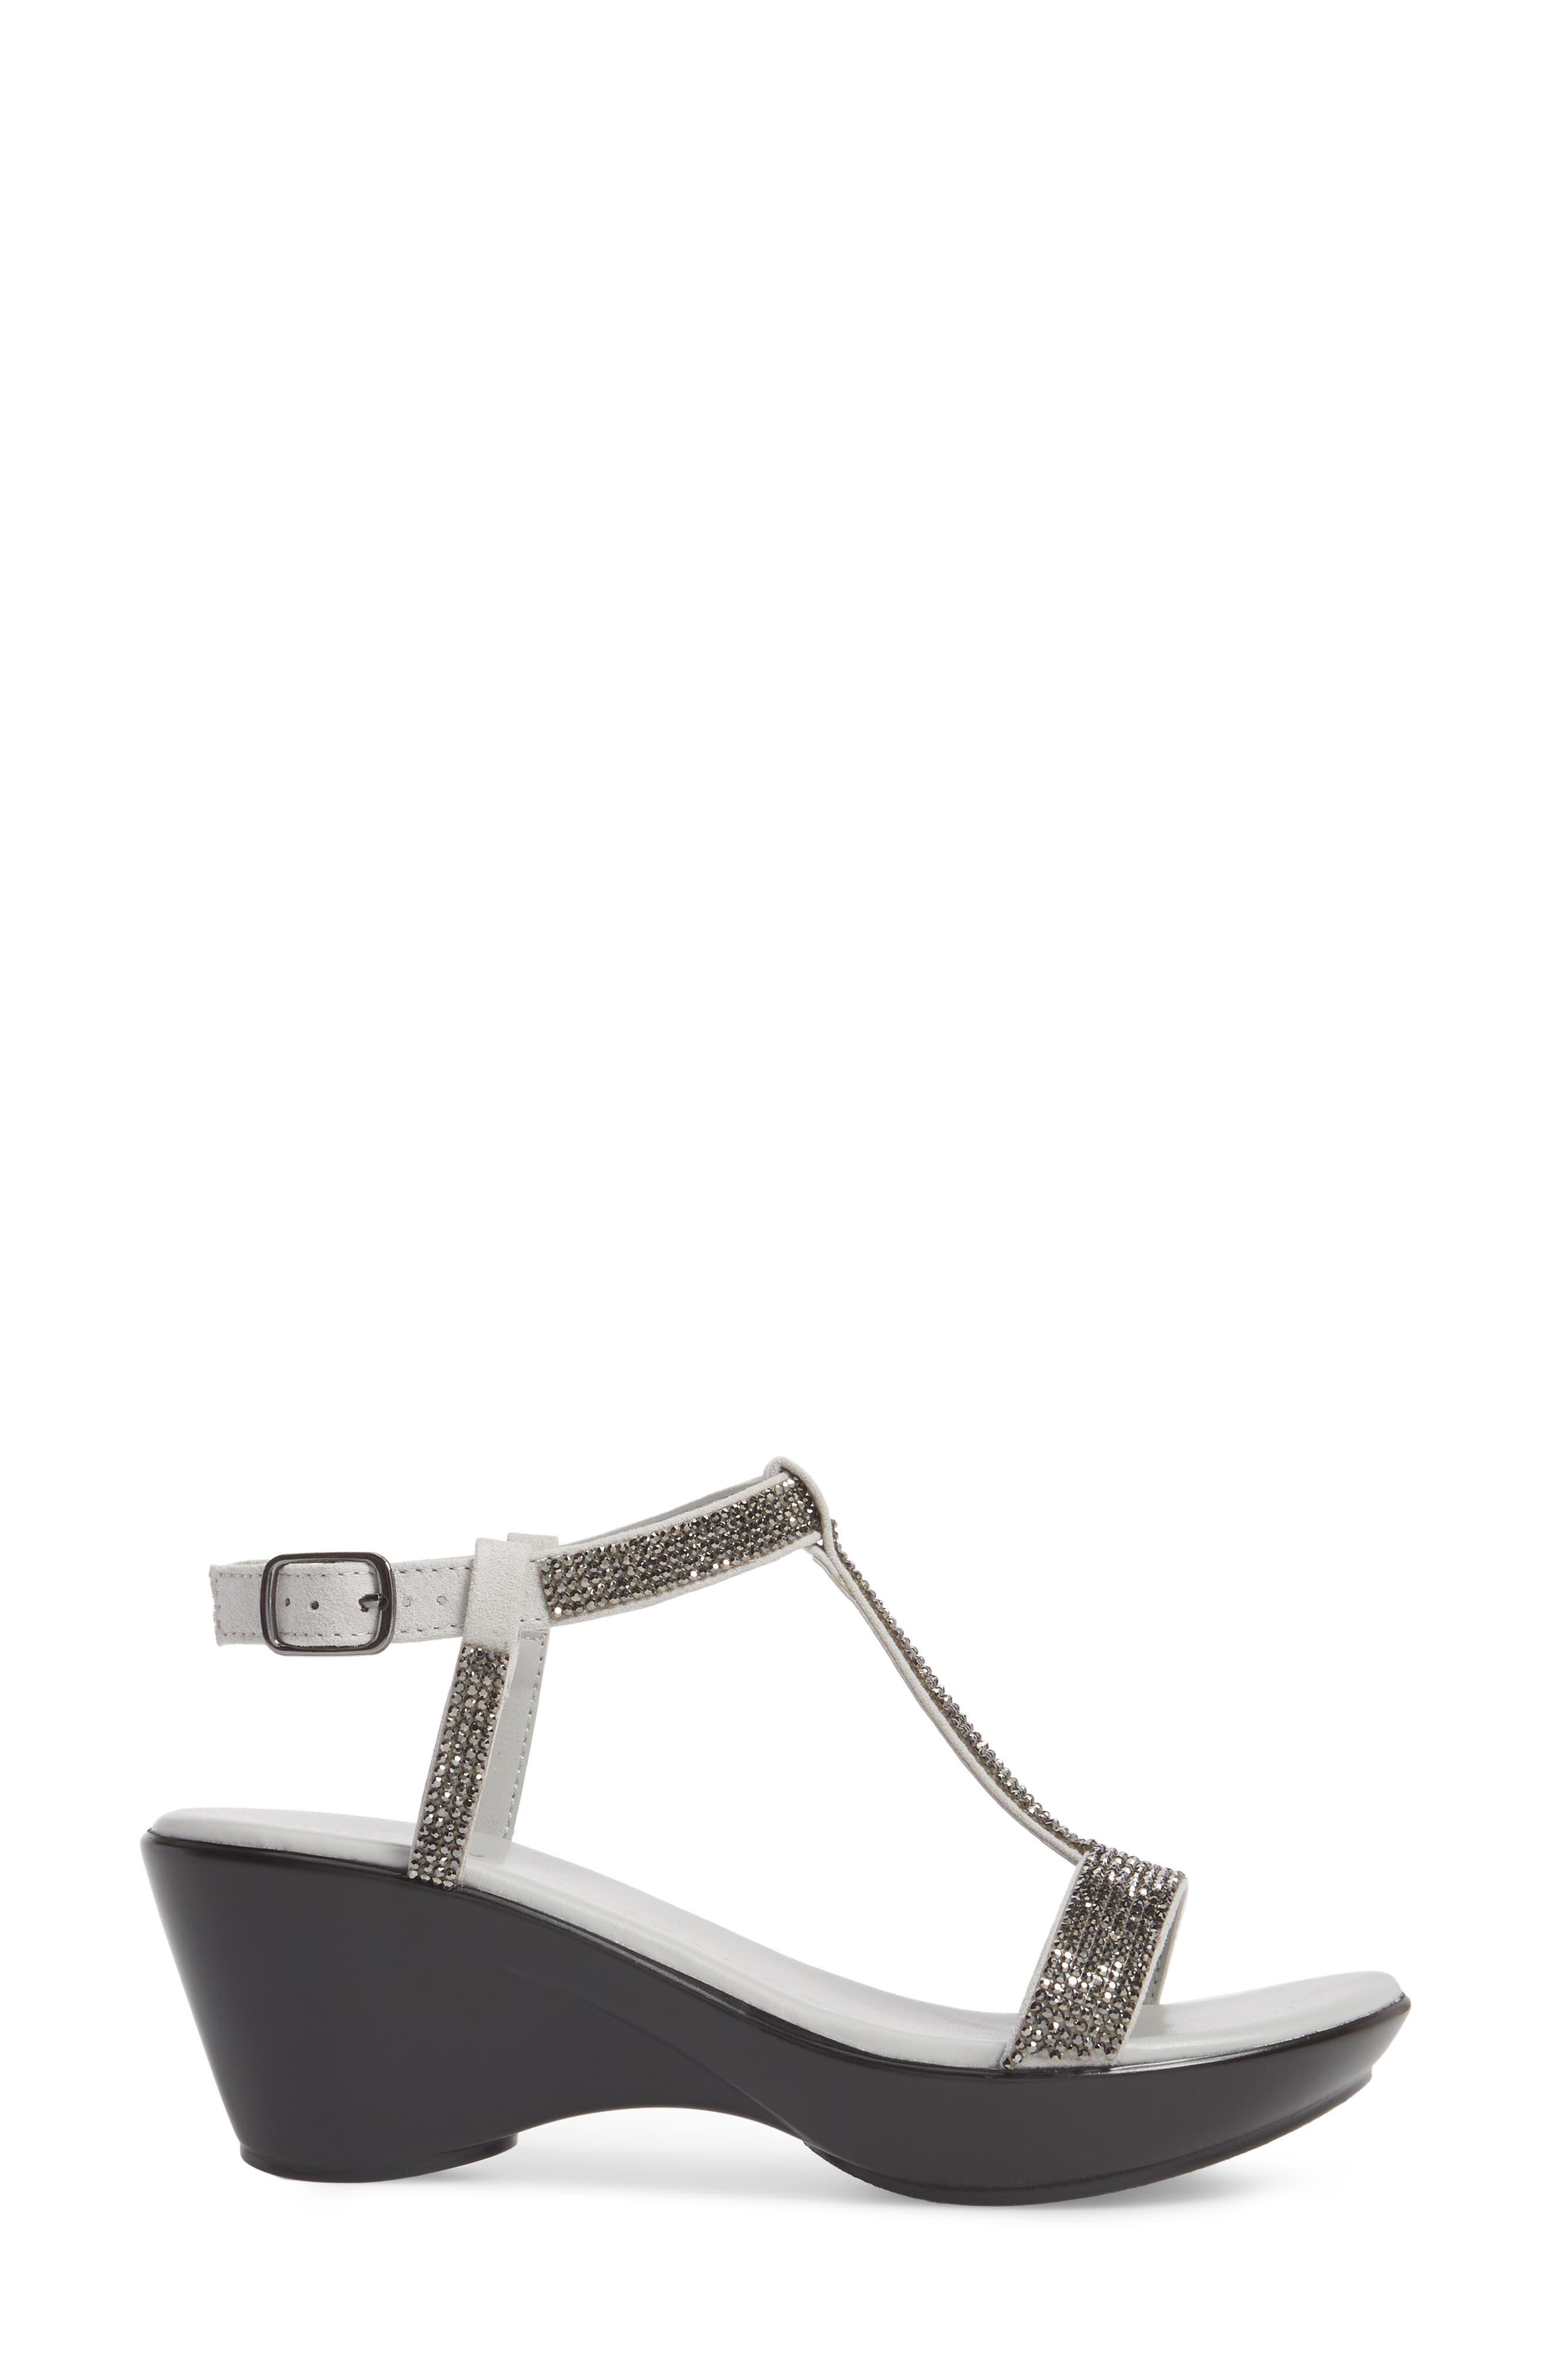 Athena Alexandar Karinya Embellished Strappy Wedge Sandal,                             Alternate thumbnail 3, color,                             Grey Suede